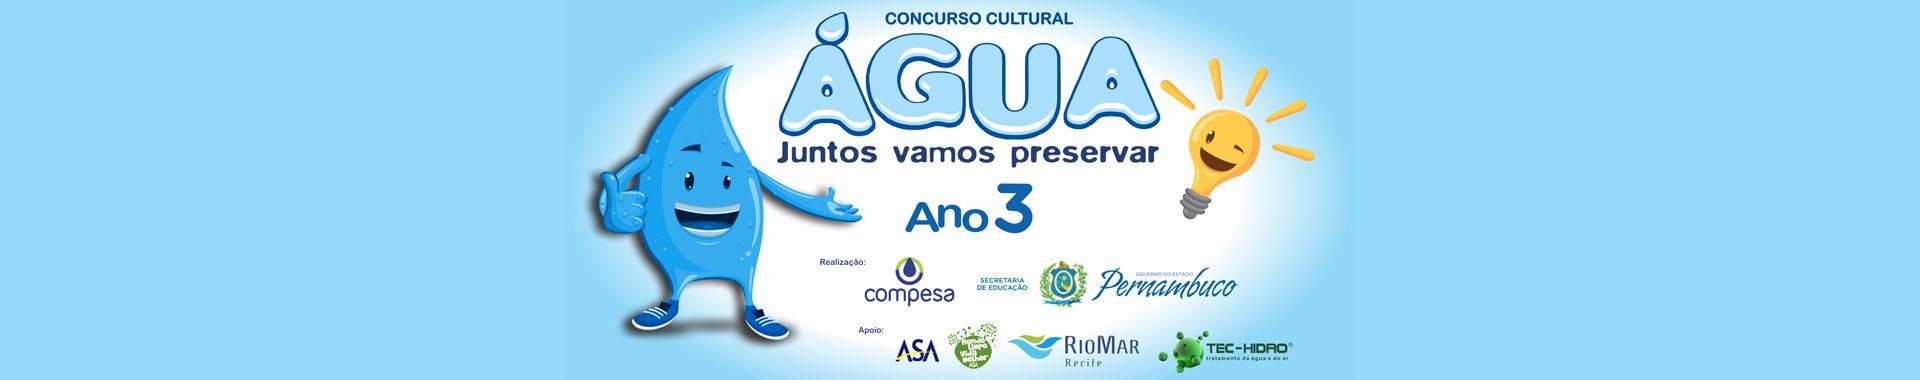 Concurso-Agua